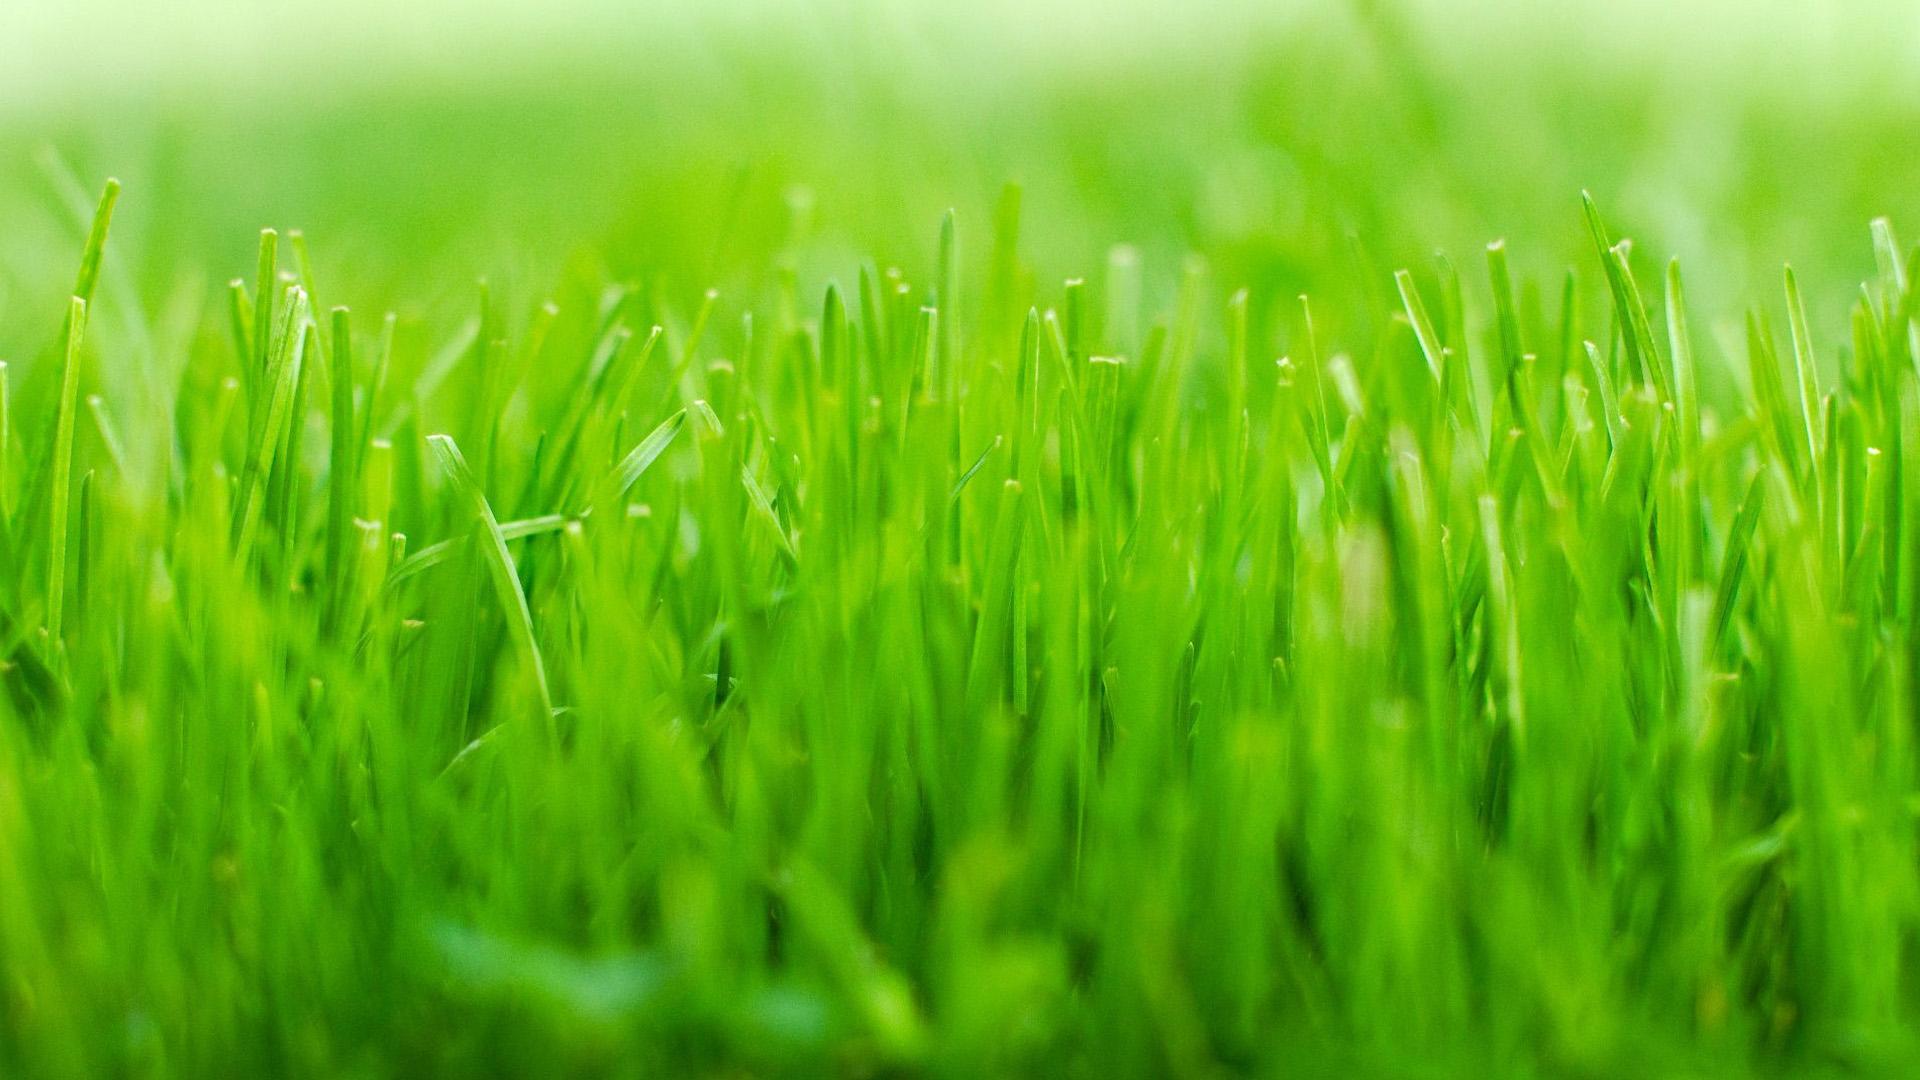 20+ Green Grass Wallpaper Hd